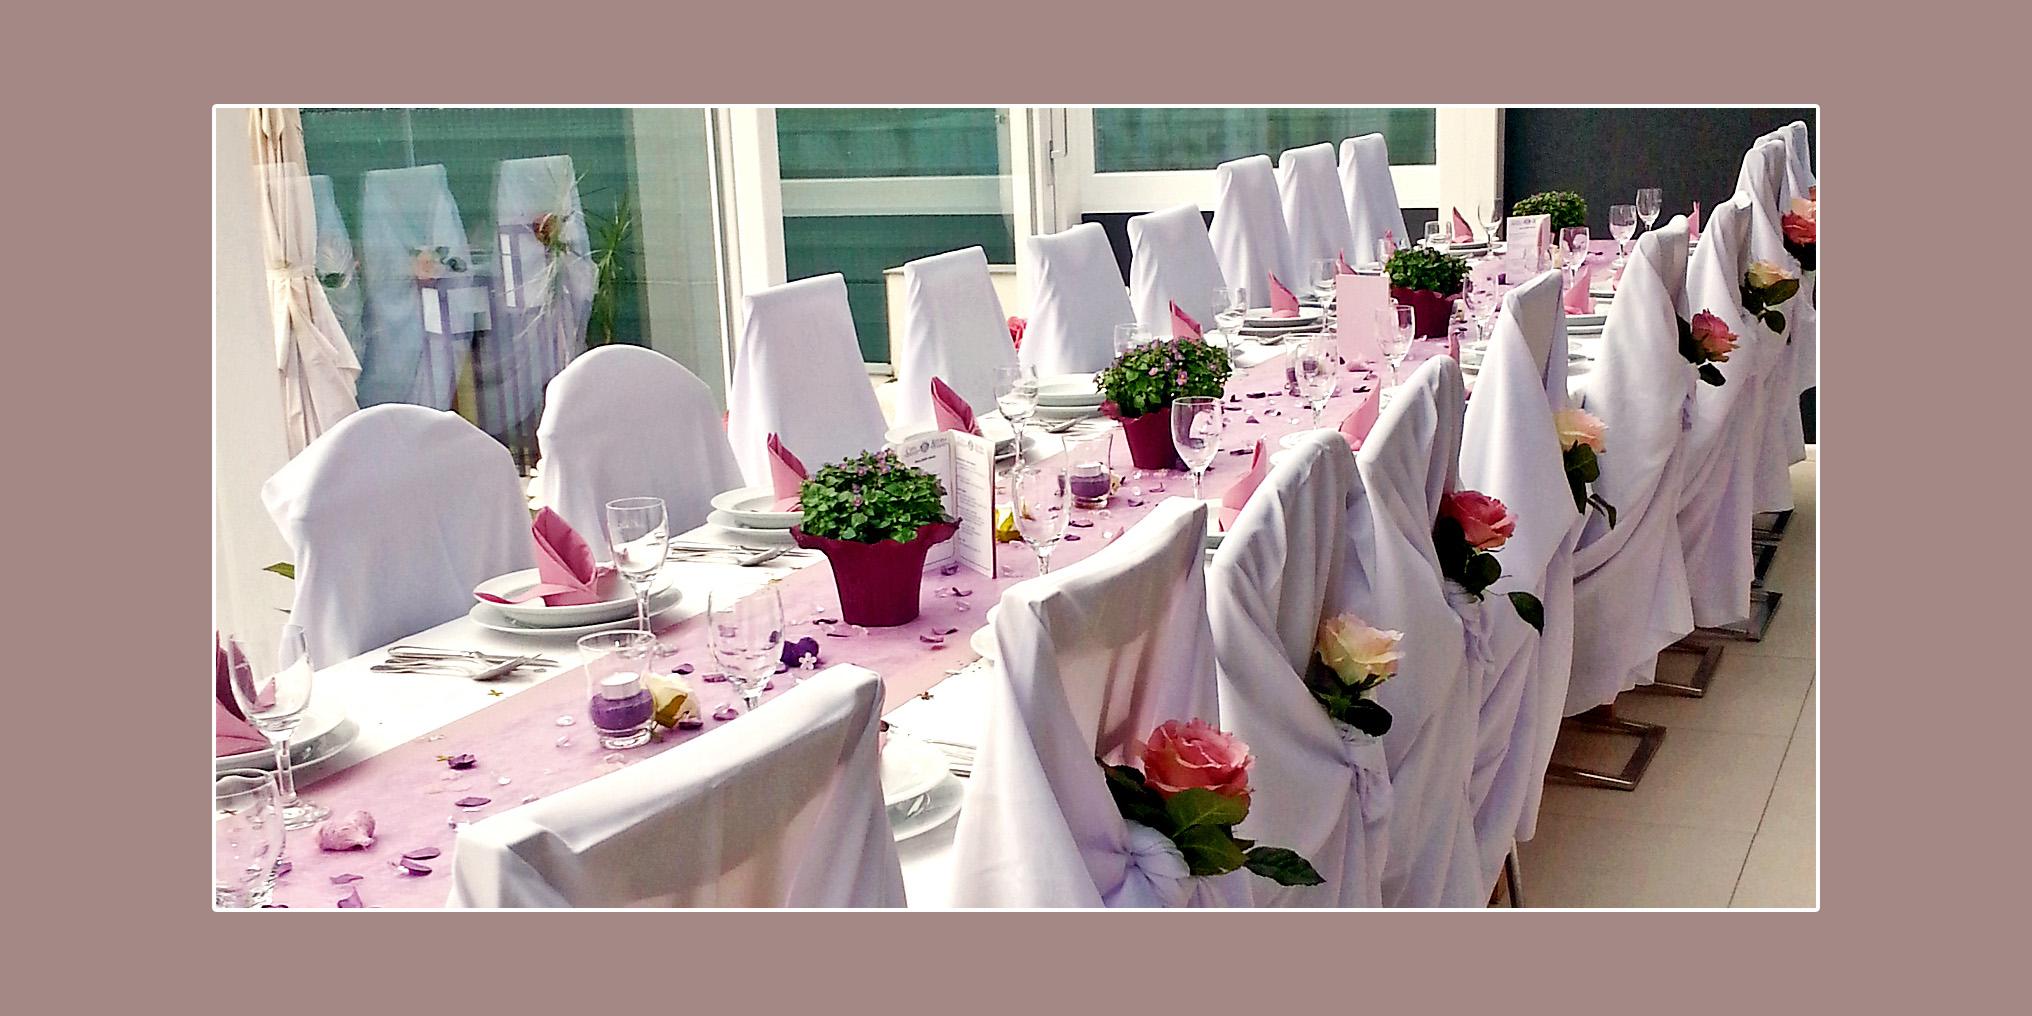 Hochzeitsdeko in Lila-Violett von Maria und Claudio aus Oberhausen